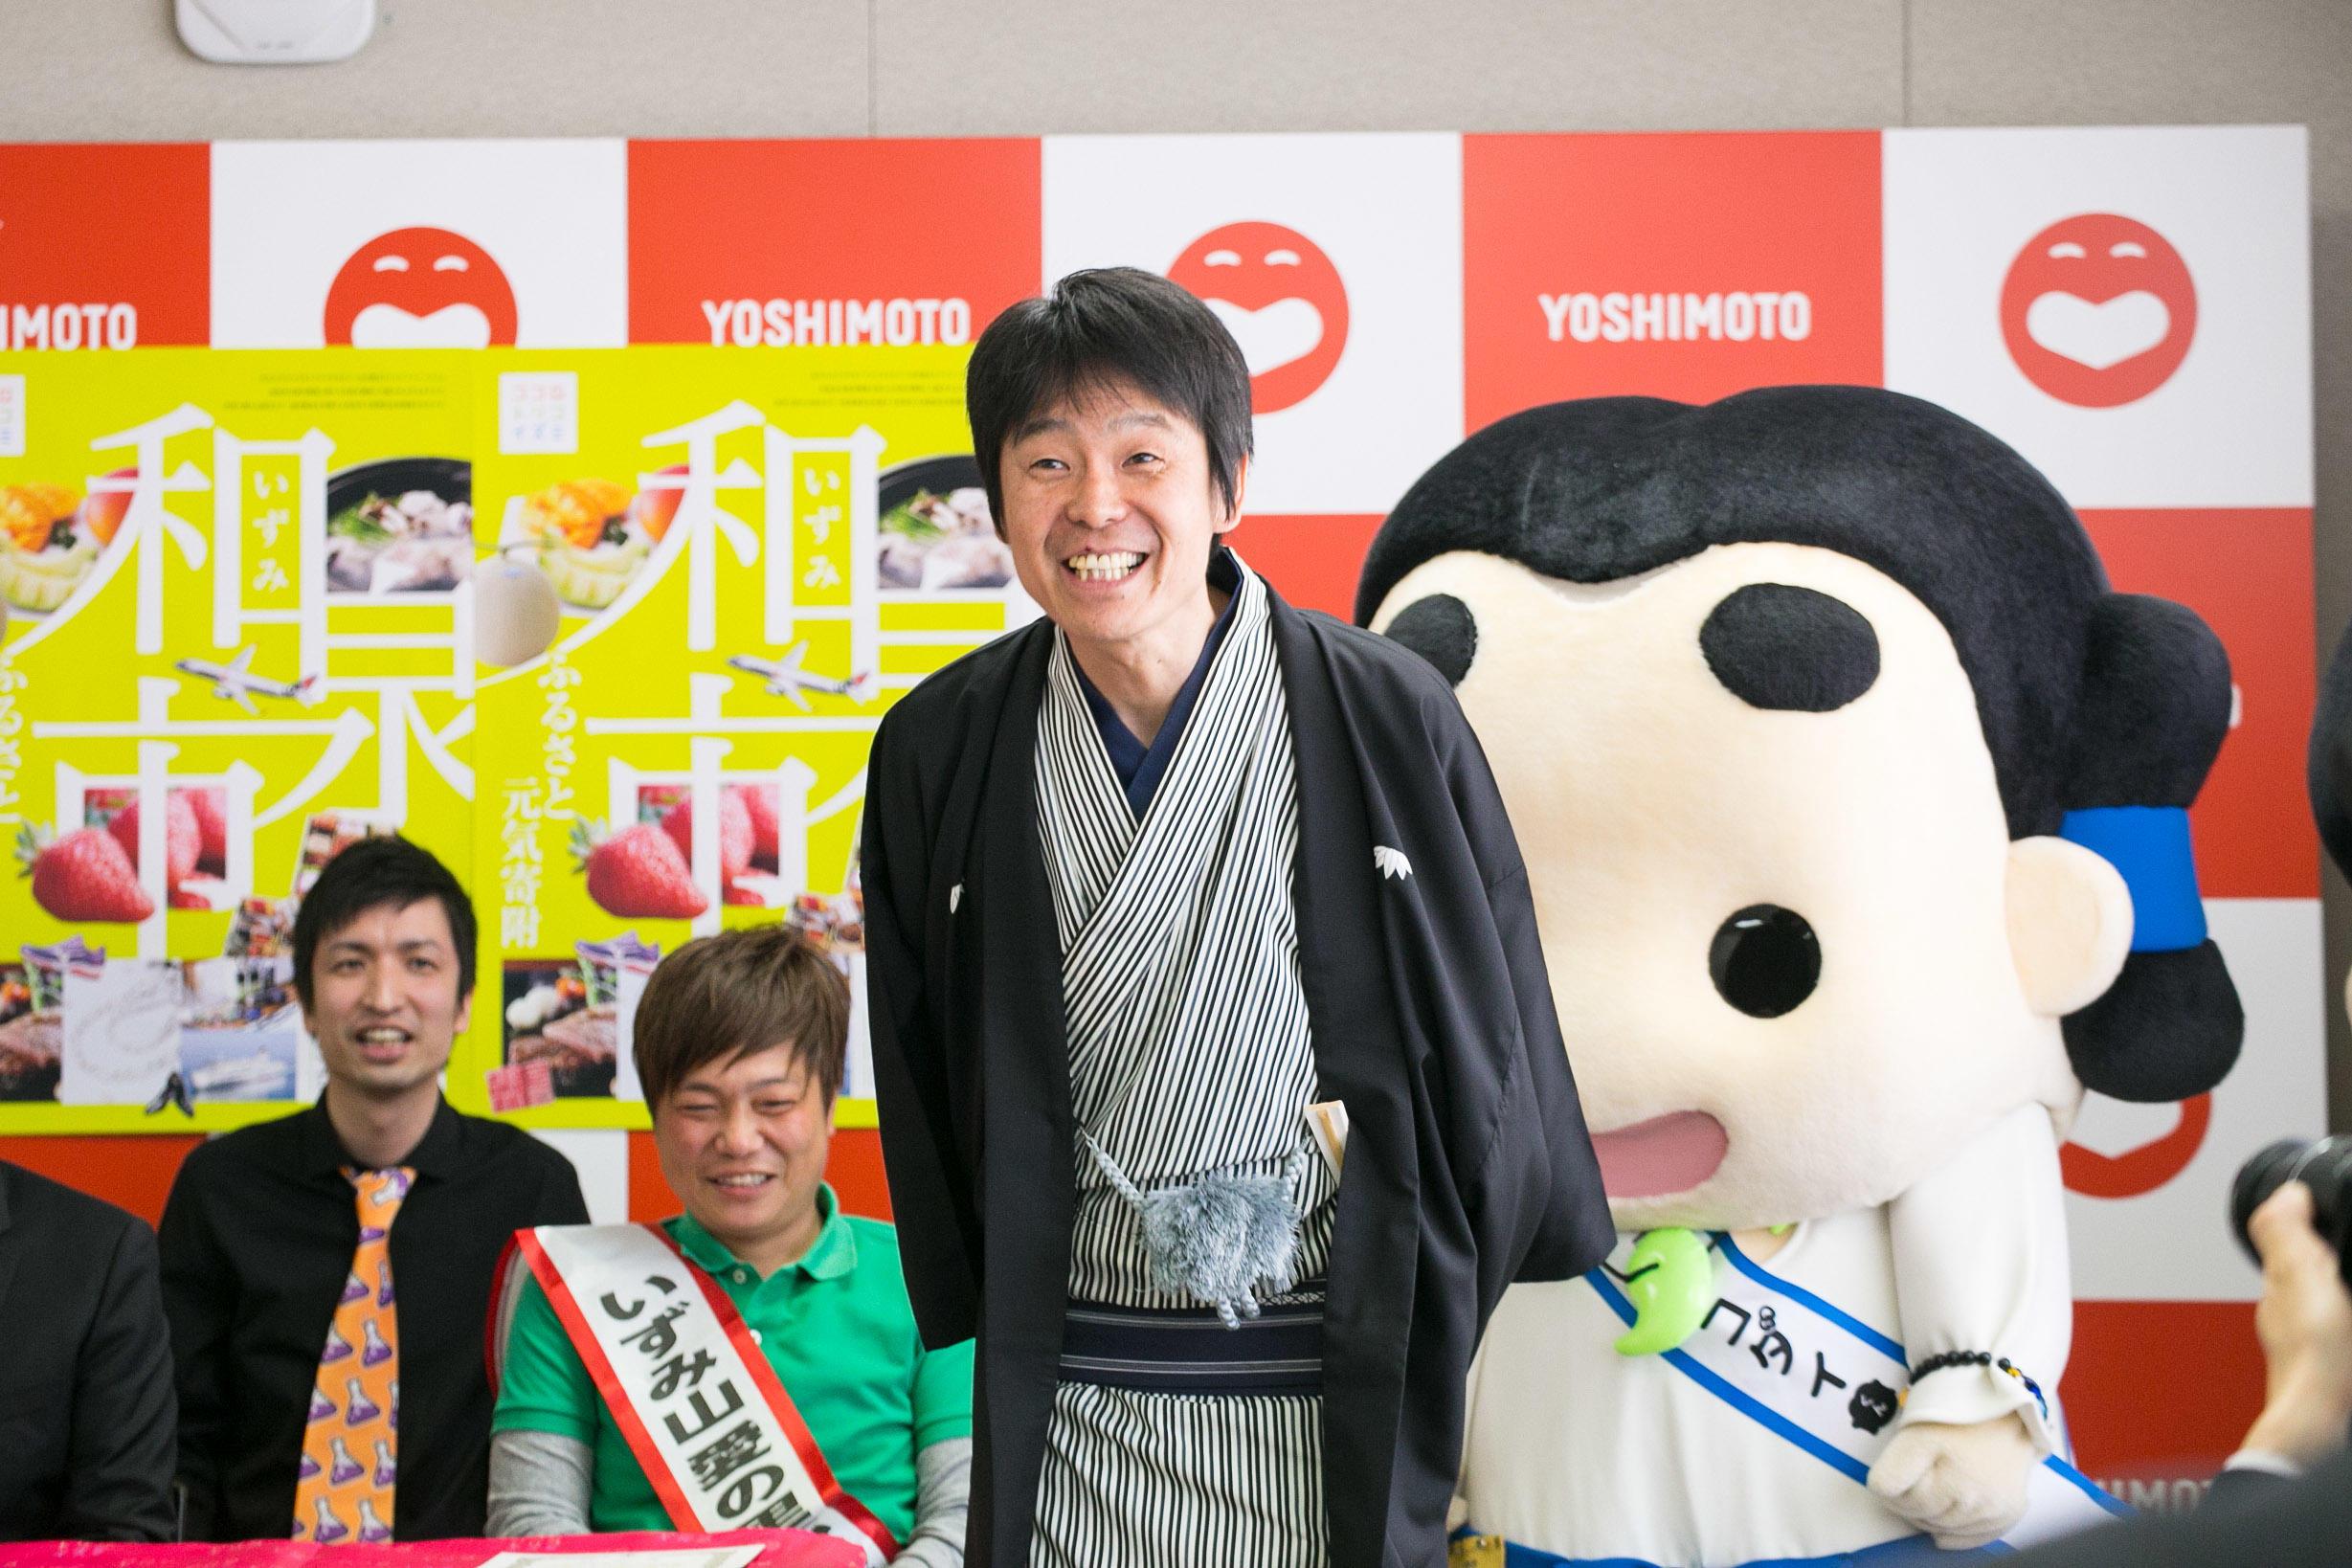 http://news.yoshimoto.co.jp/20180410140947-ef3b94521a6bf70d8f06c6051869228a182c4b70.jpg